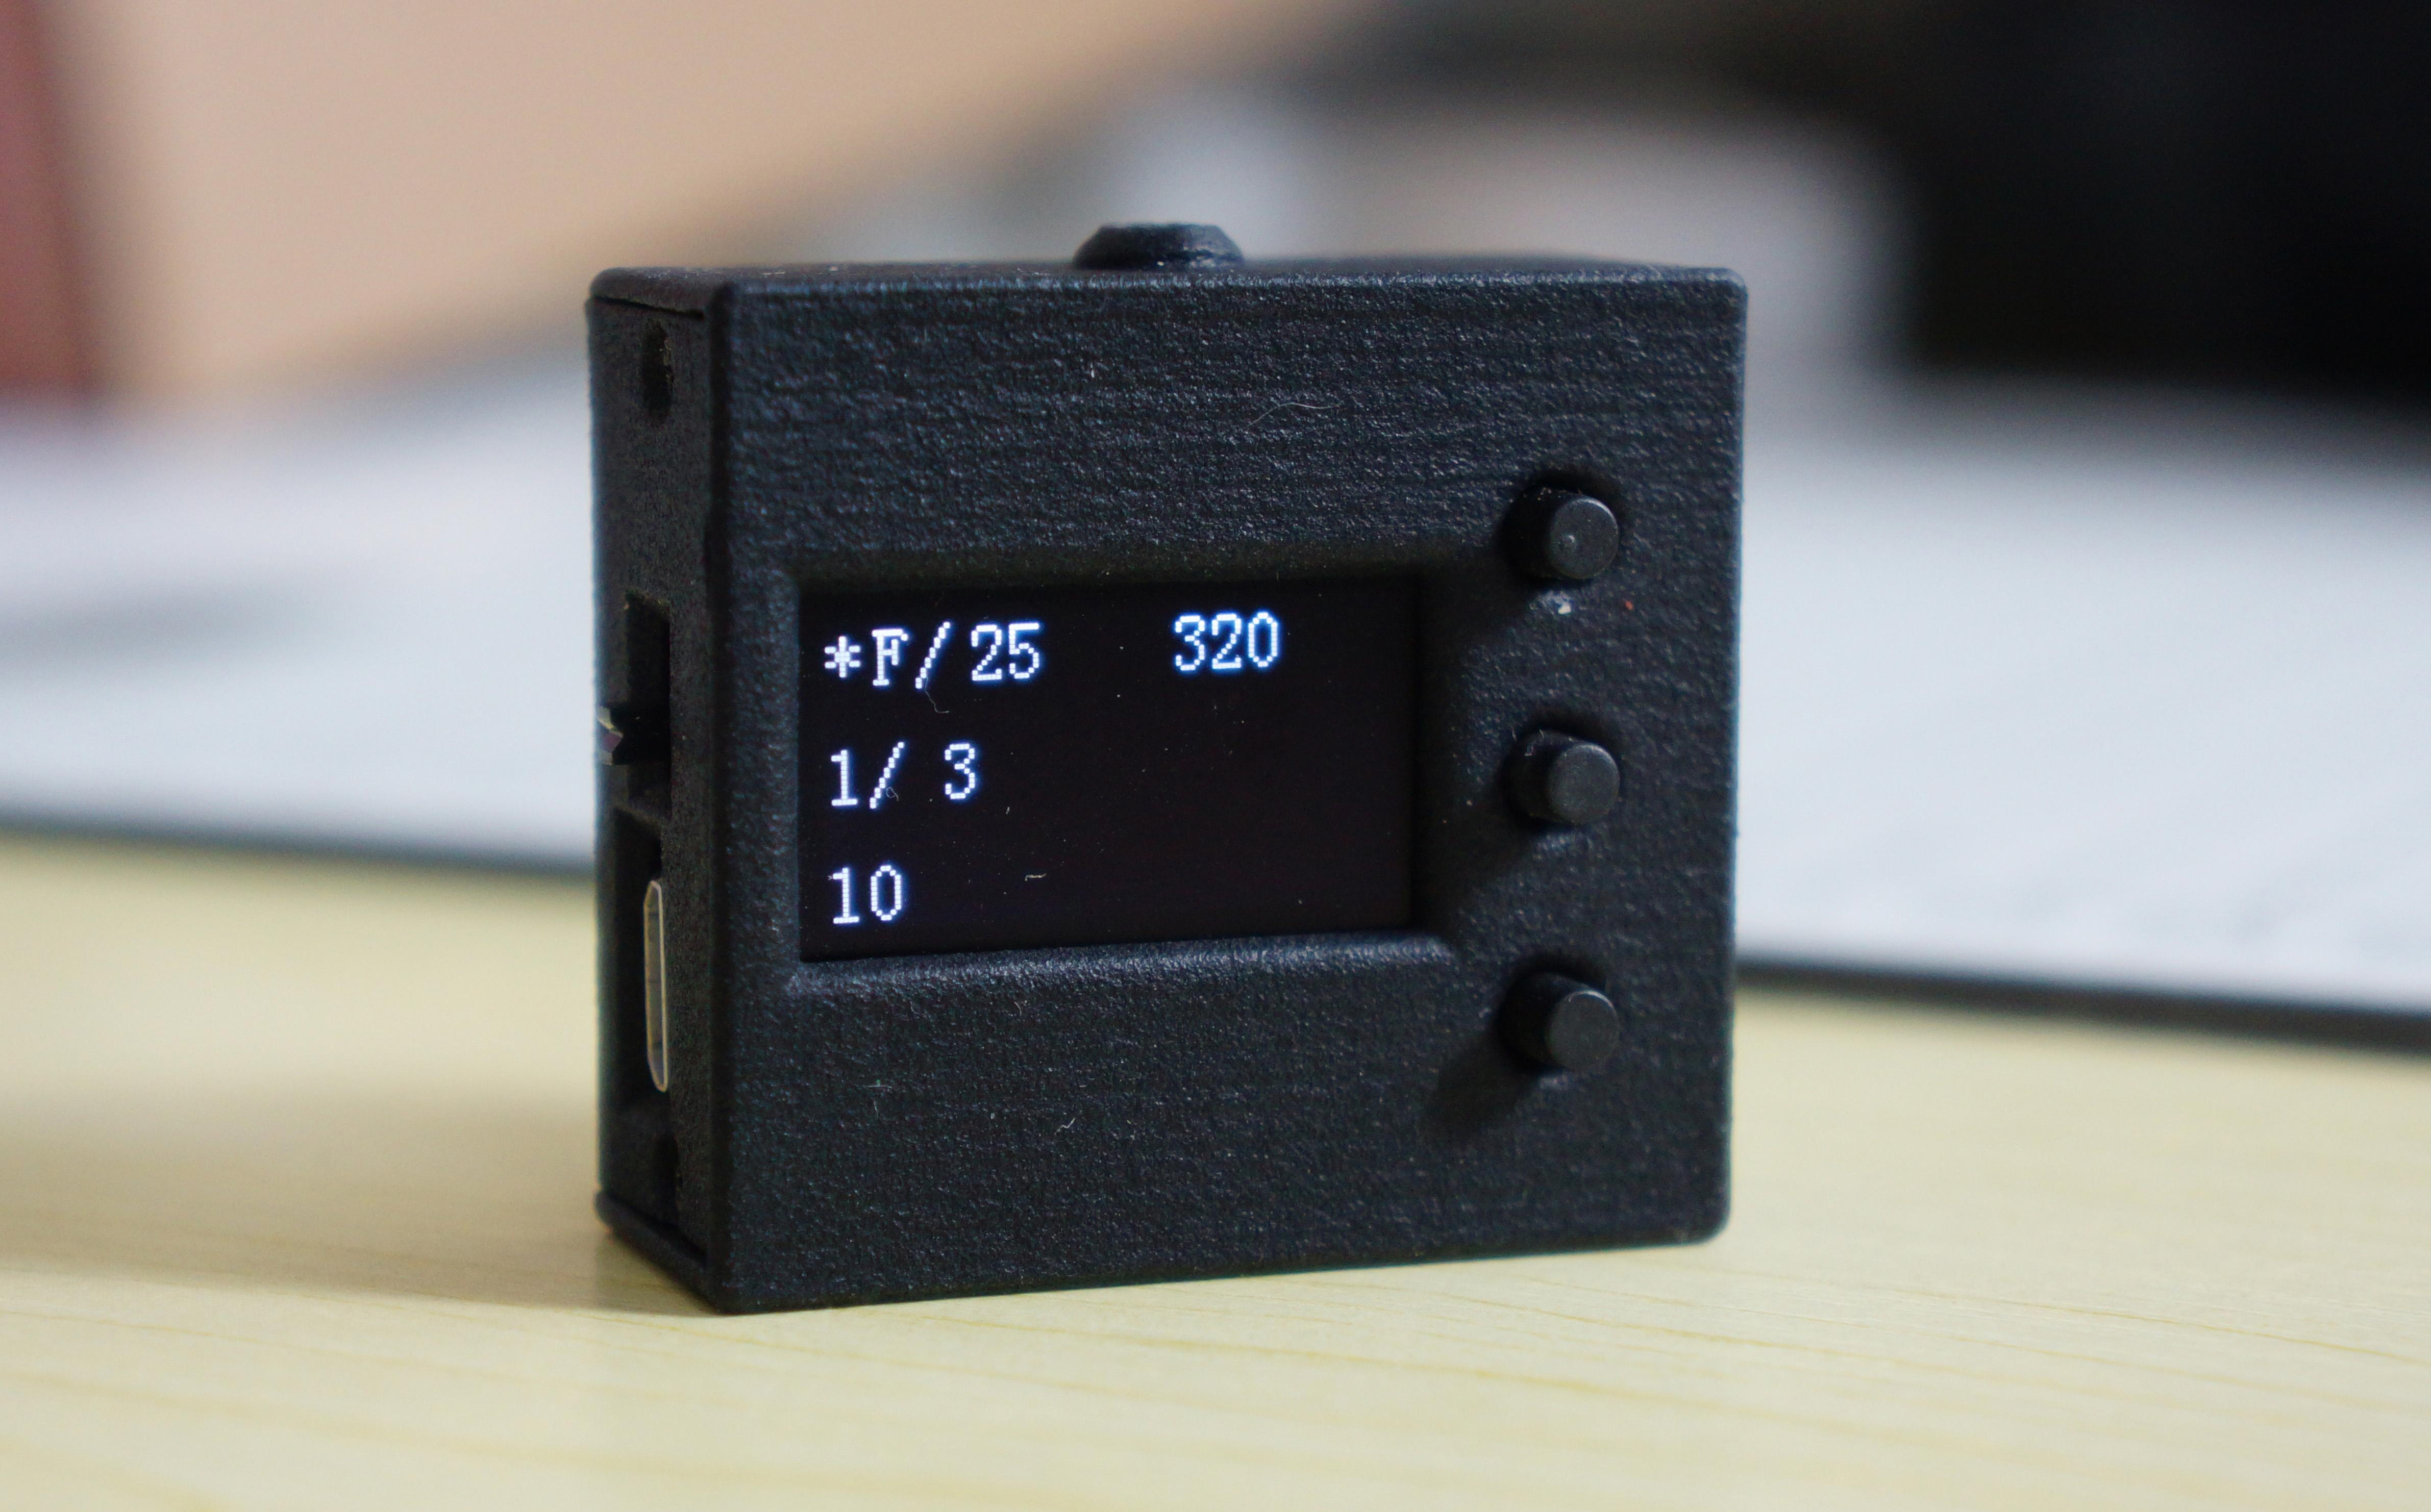 尼龙L-101 测光表 摄影 机顶反射评价测光 热靴 尼龙外壳